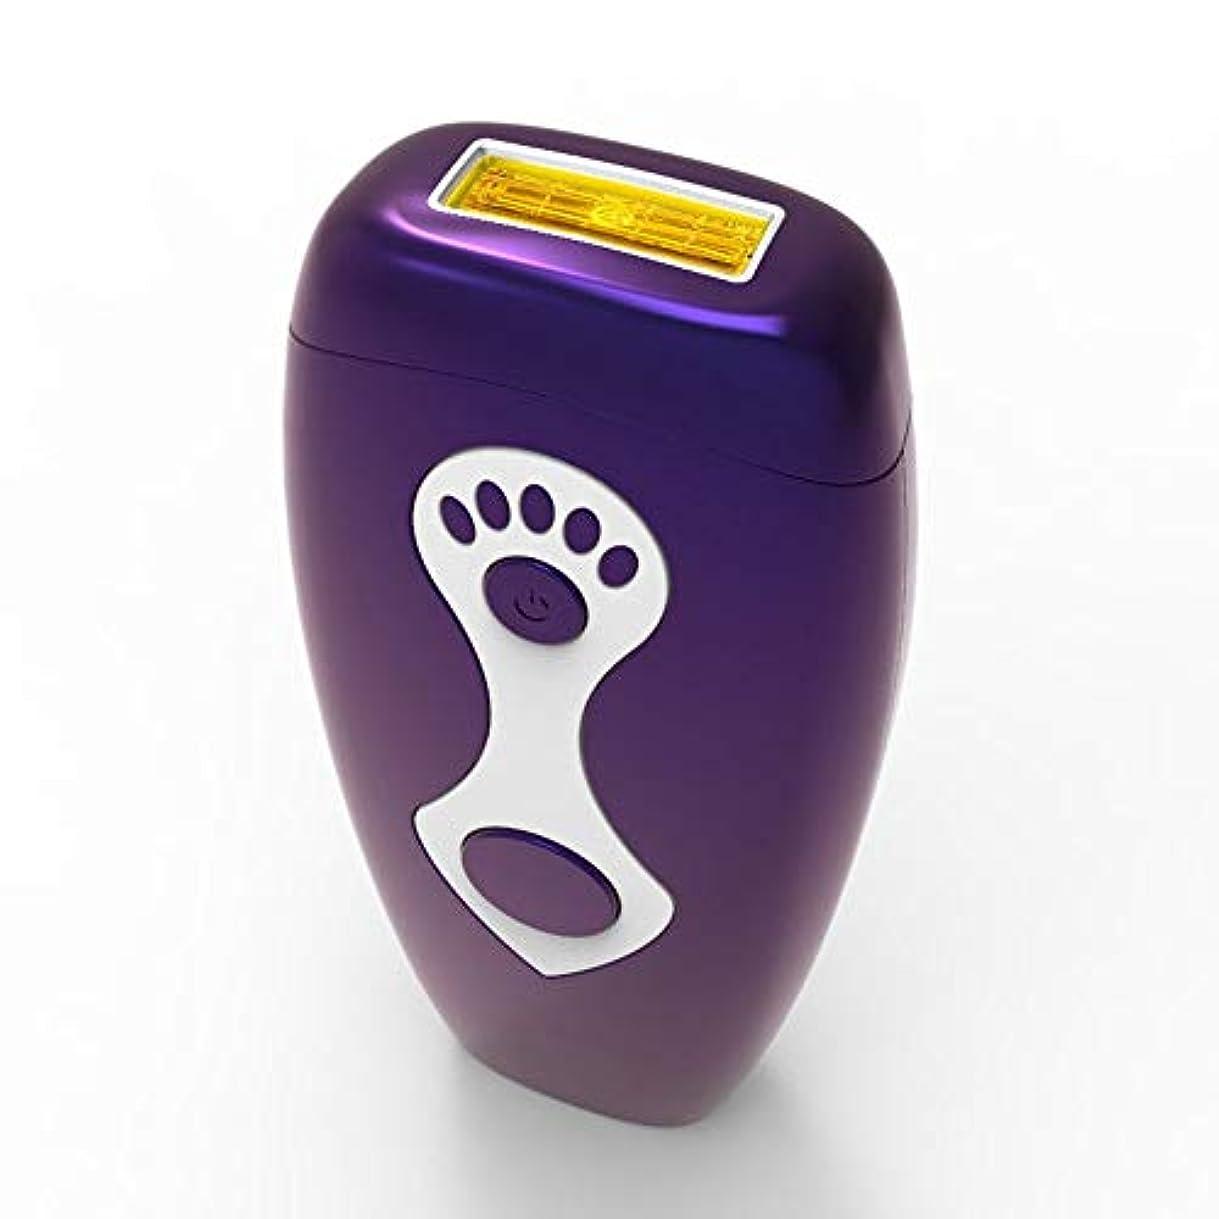 ホームレスクック帝国Iku夫 パーマネント脱毛、家庭用ニュートラルヘアリムーバー、柔らかい肌、マルチ運動エネルギー、安全性、グレード5無料調整、サイズ7.5×16.5 Cm (Color : Purple)